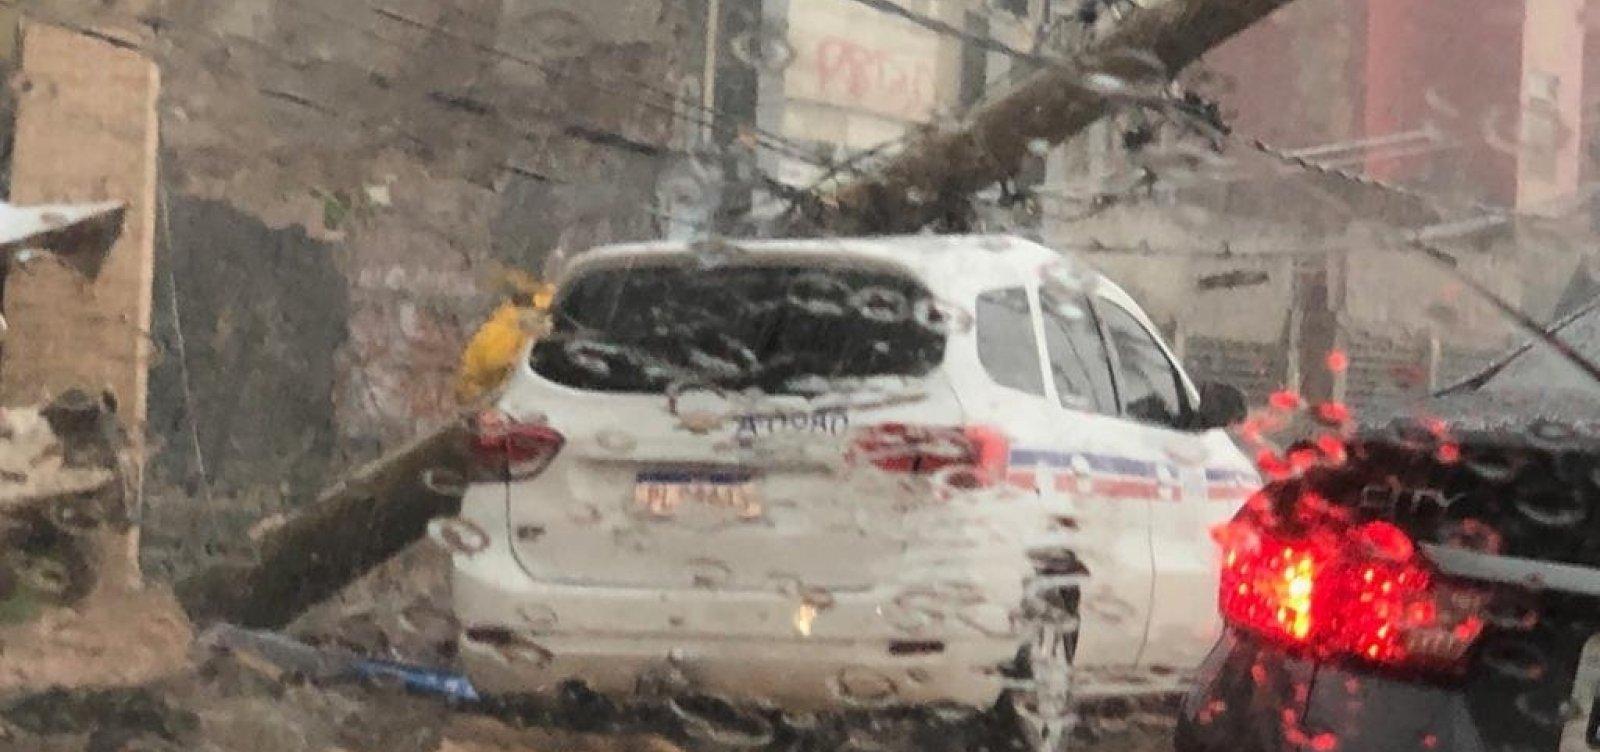 [Chuva em Salvador: muro desaba e poste atinge táxi na Avenida Amaralina]